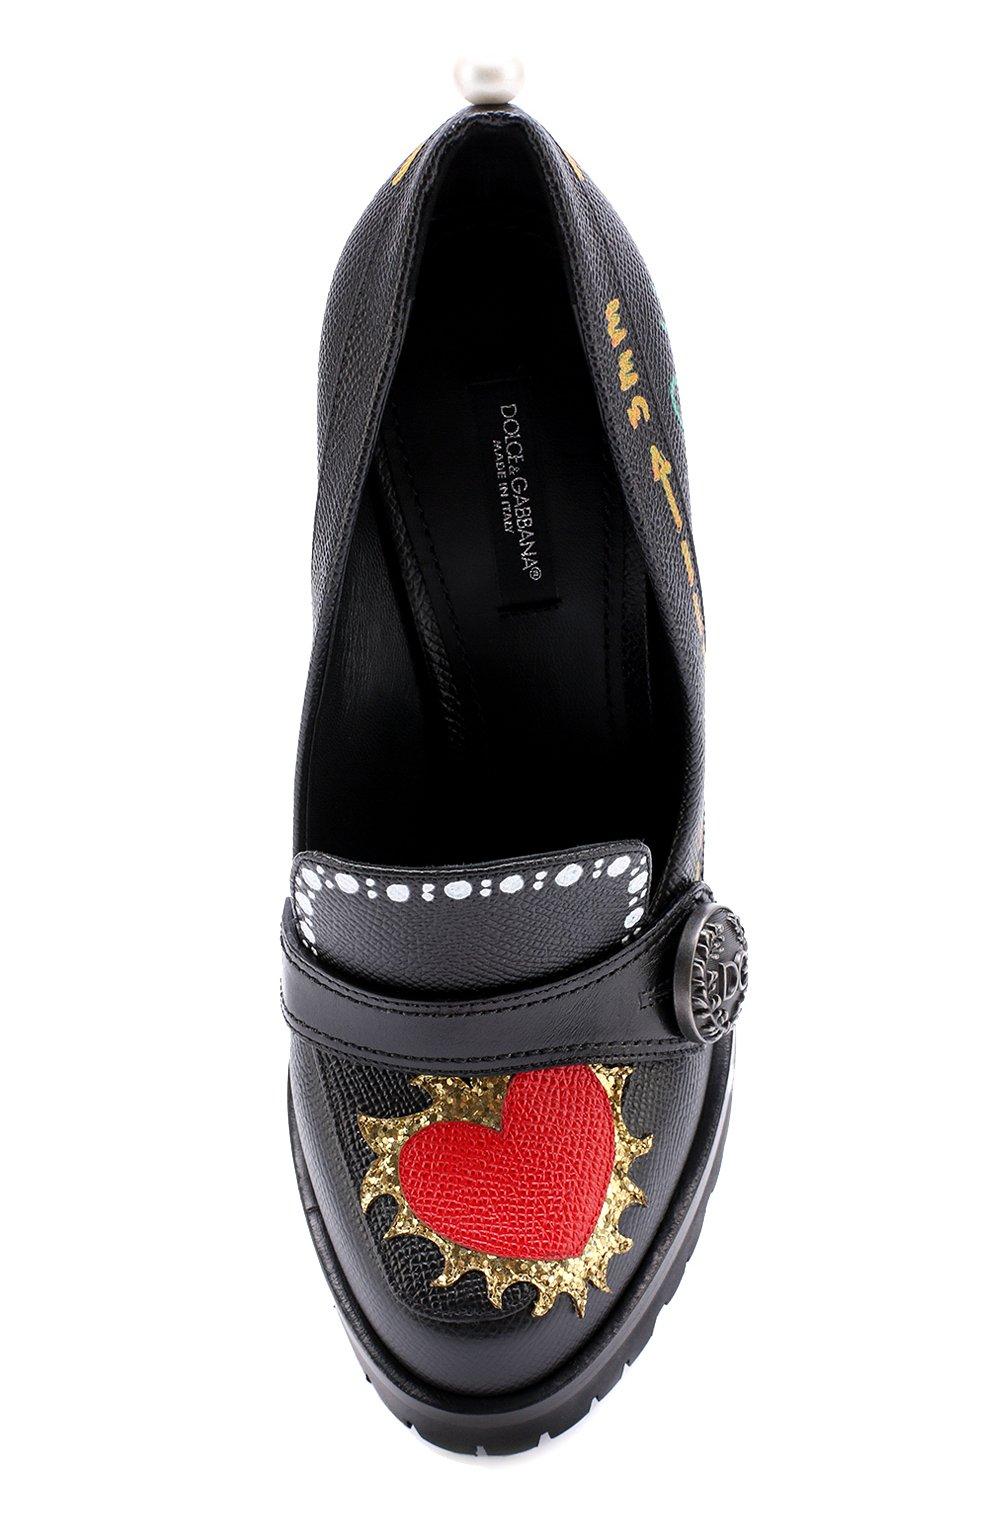 Кожаные туфли Edna с принтом и аппликациями Dolce & Gabbana черные   Фото №5